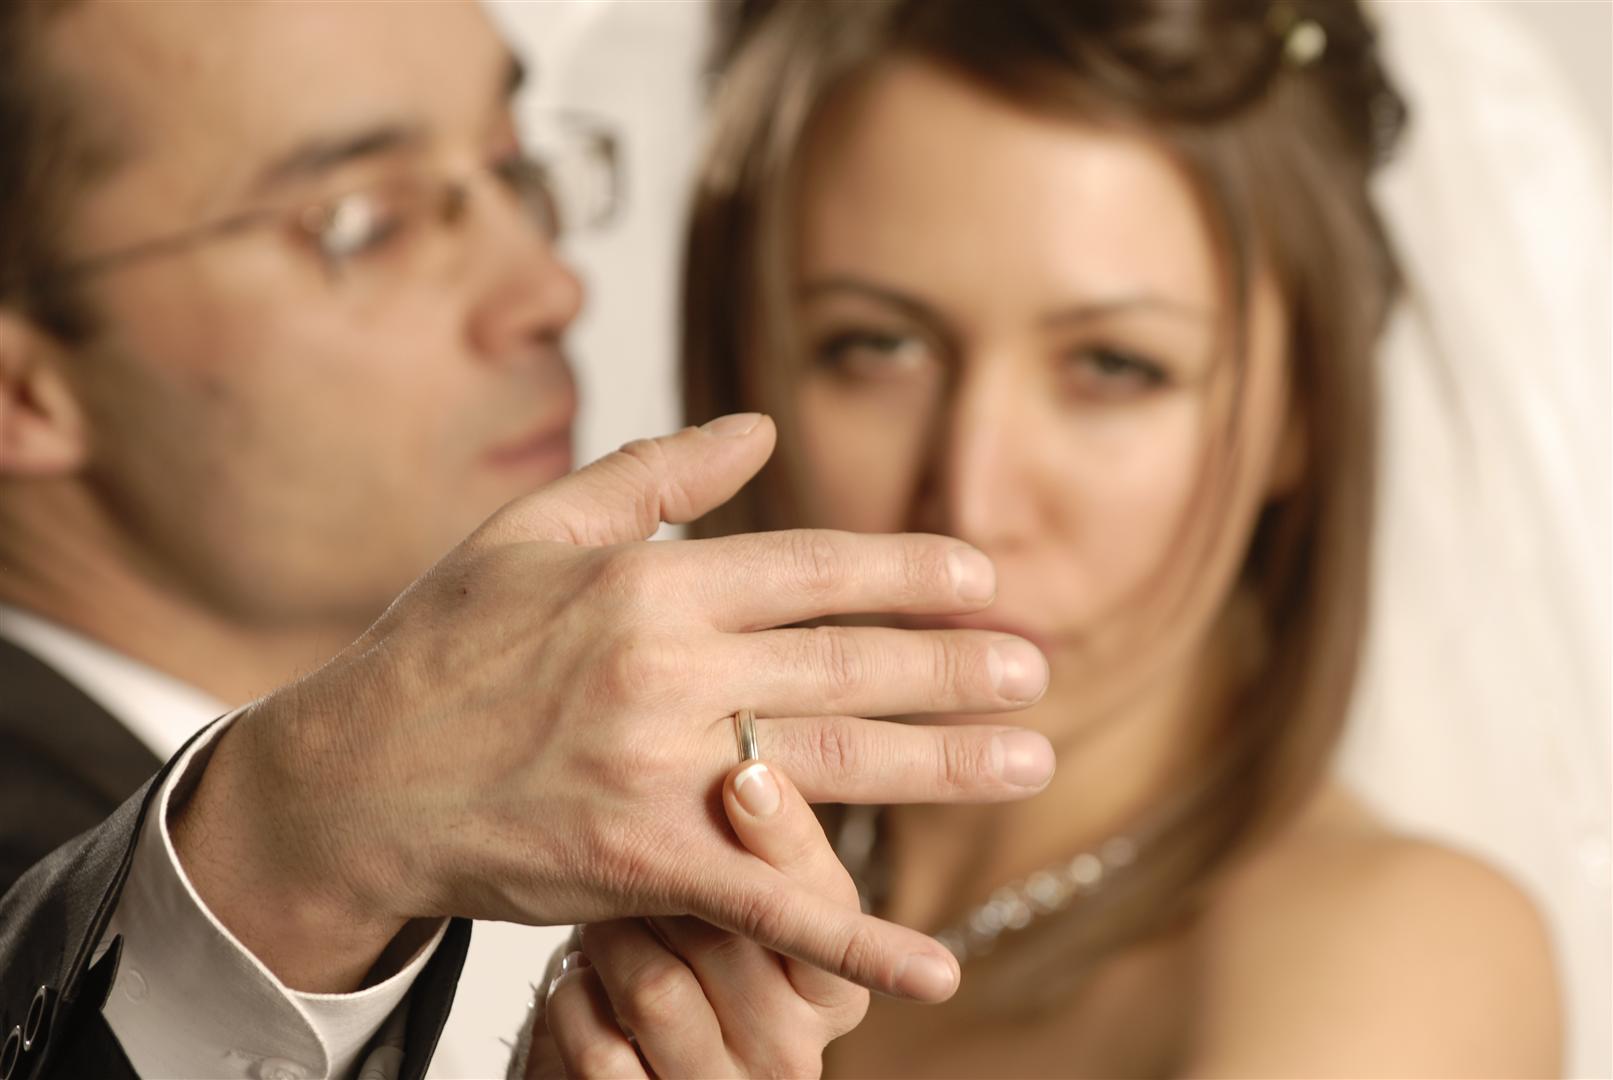 Почему нельзя встречаться с женатым мужчиной: последствия таких отношений. Плюсы и минусы